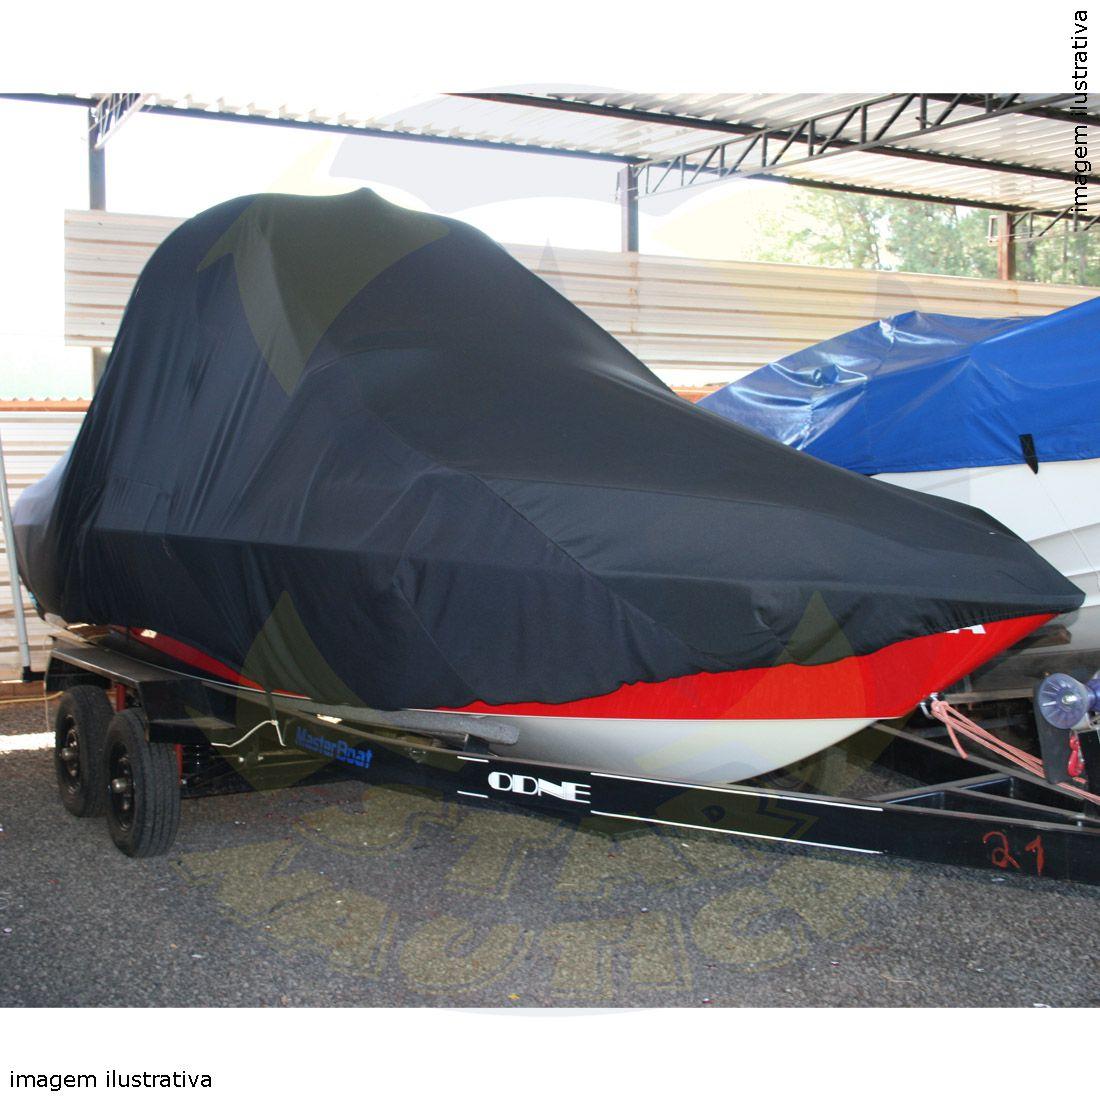 Capa Lona de Cobertura Lancha Focker 255 com Targa Lona Guarda Chuva